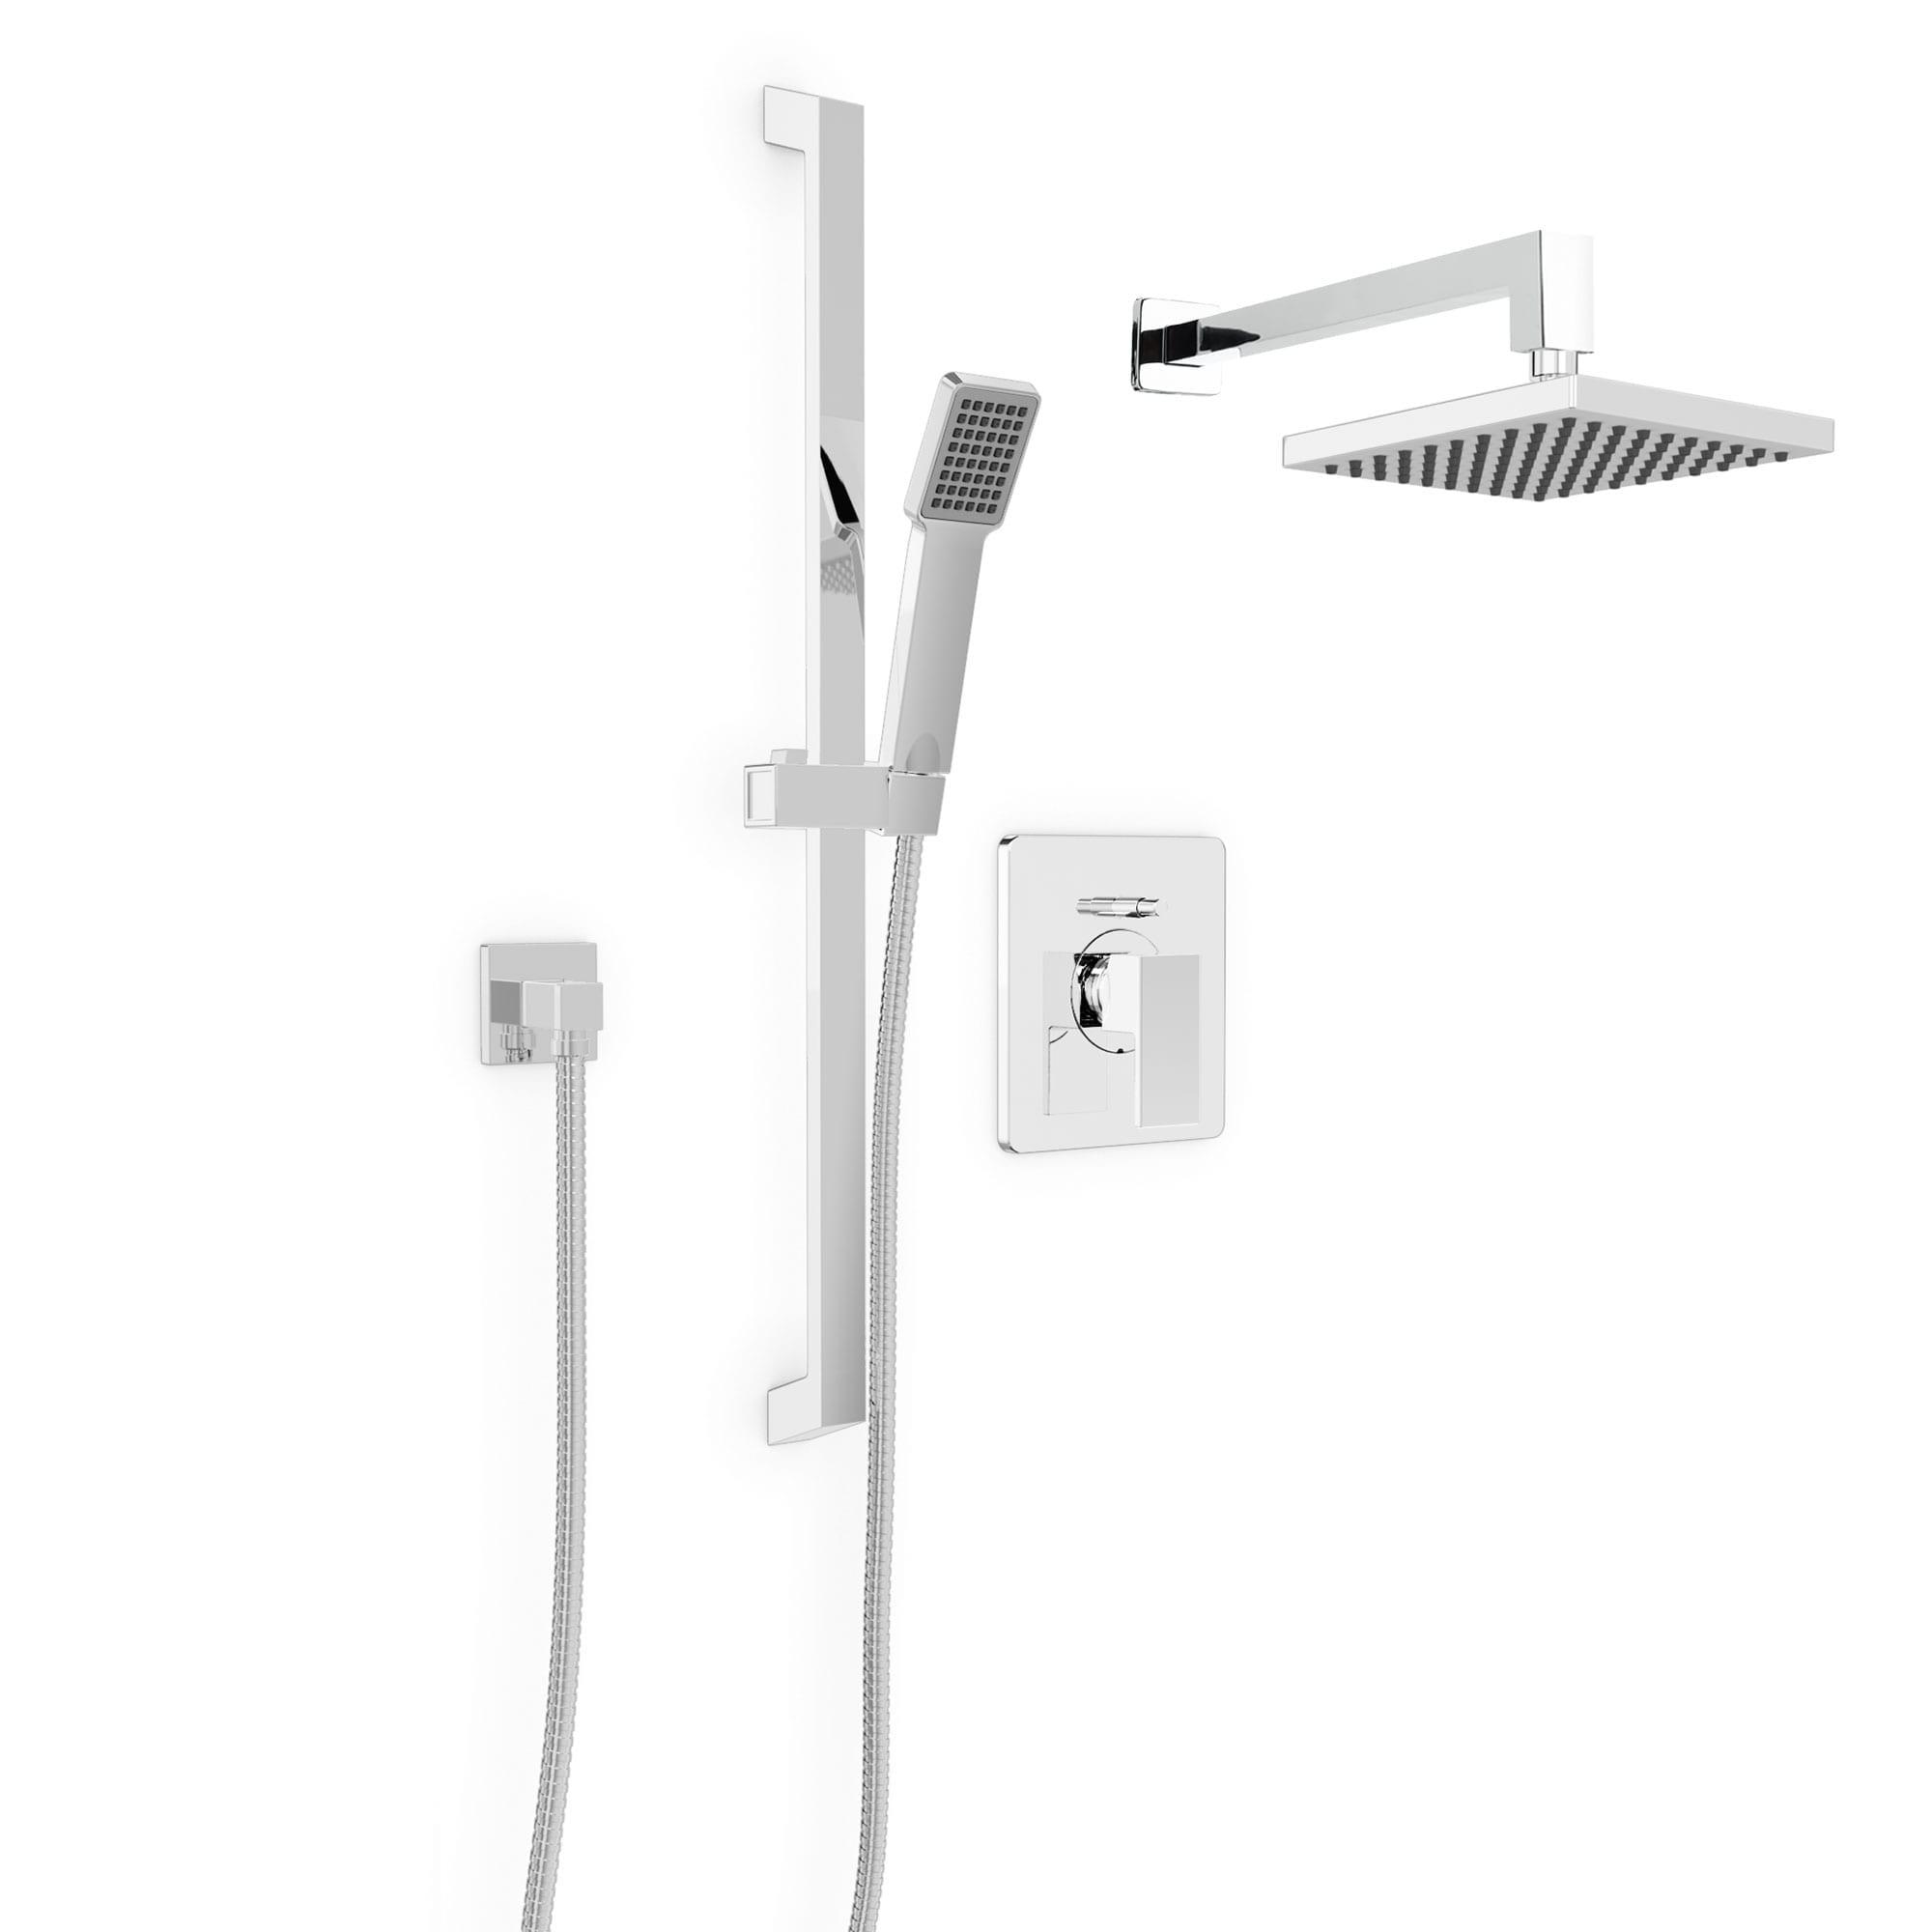 Kit: Shower Faucet   Trim For Pressure Balanced Diverter Valve With Volume  Control   Bélanger UPT